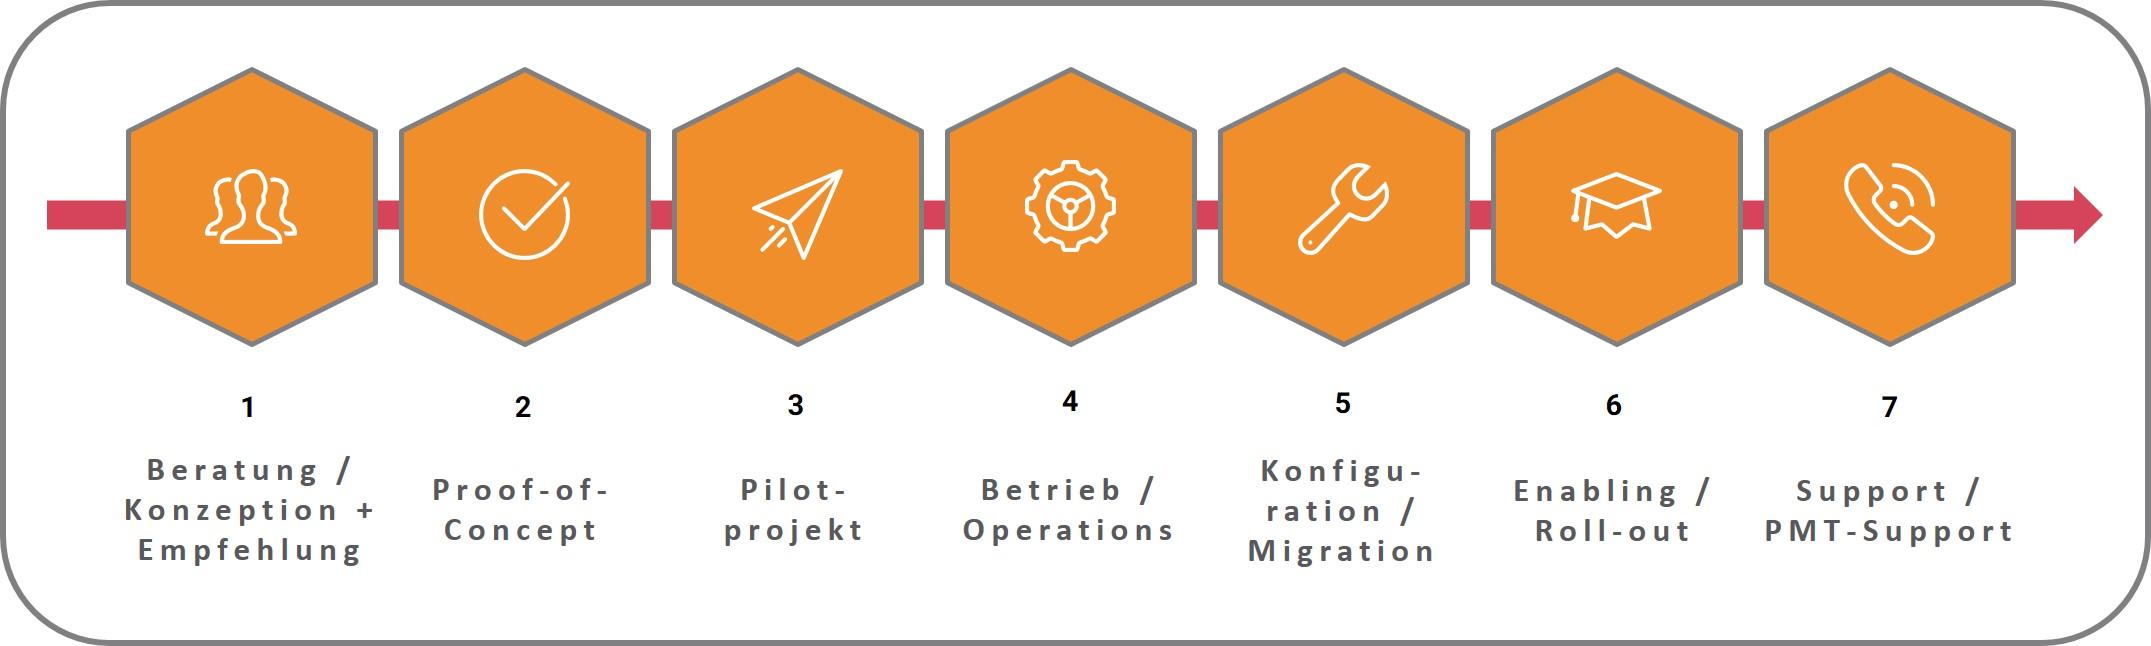 Wer_sind_wir_IT_Systemintegrator_Loesch_und_Partner_GmbH_Projektmanagement_und_IT_Consulting_Muenchen_2021